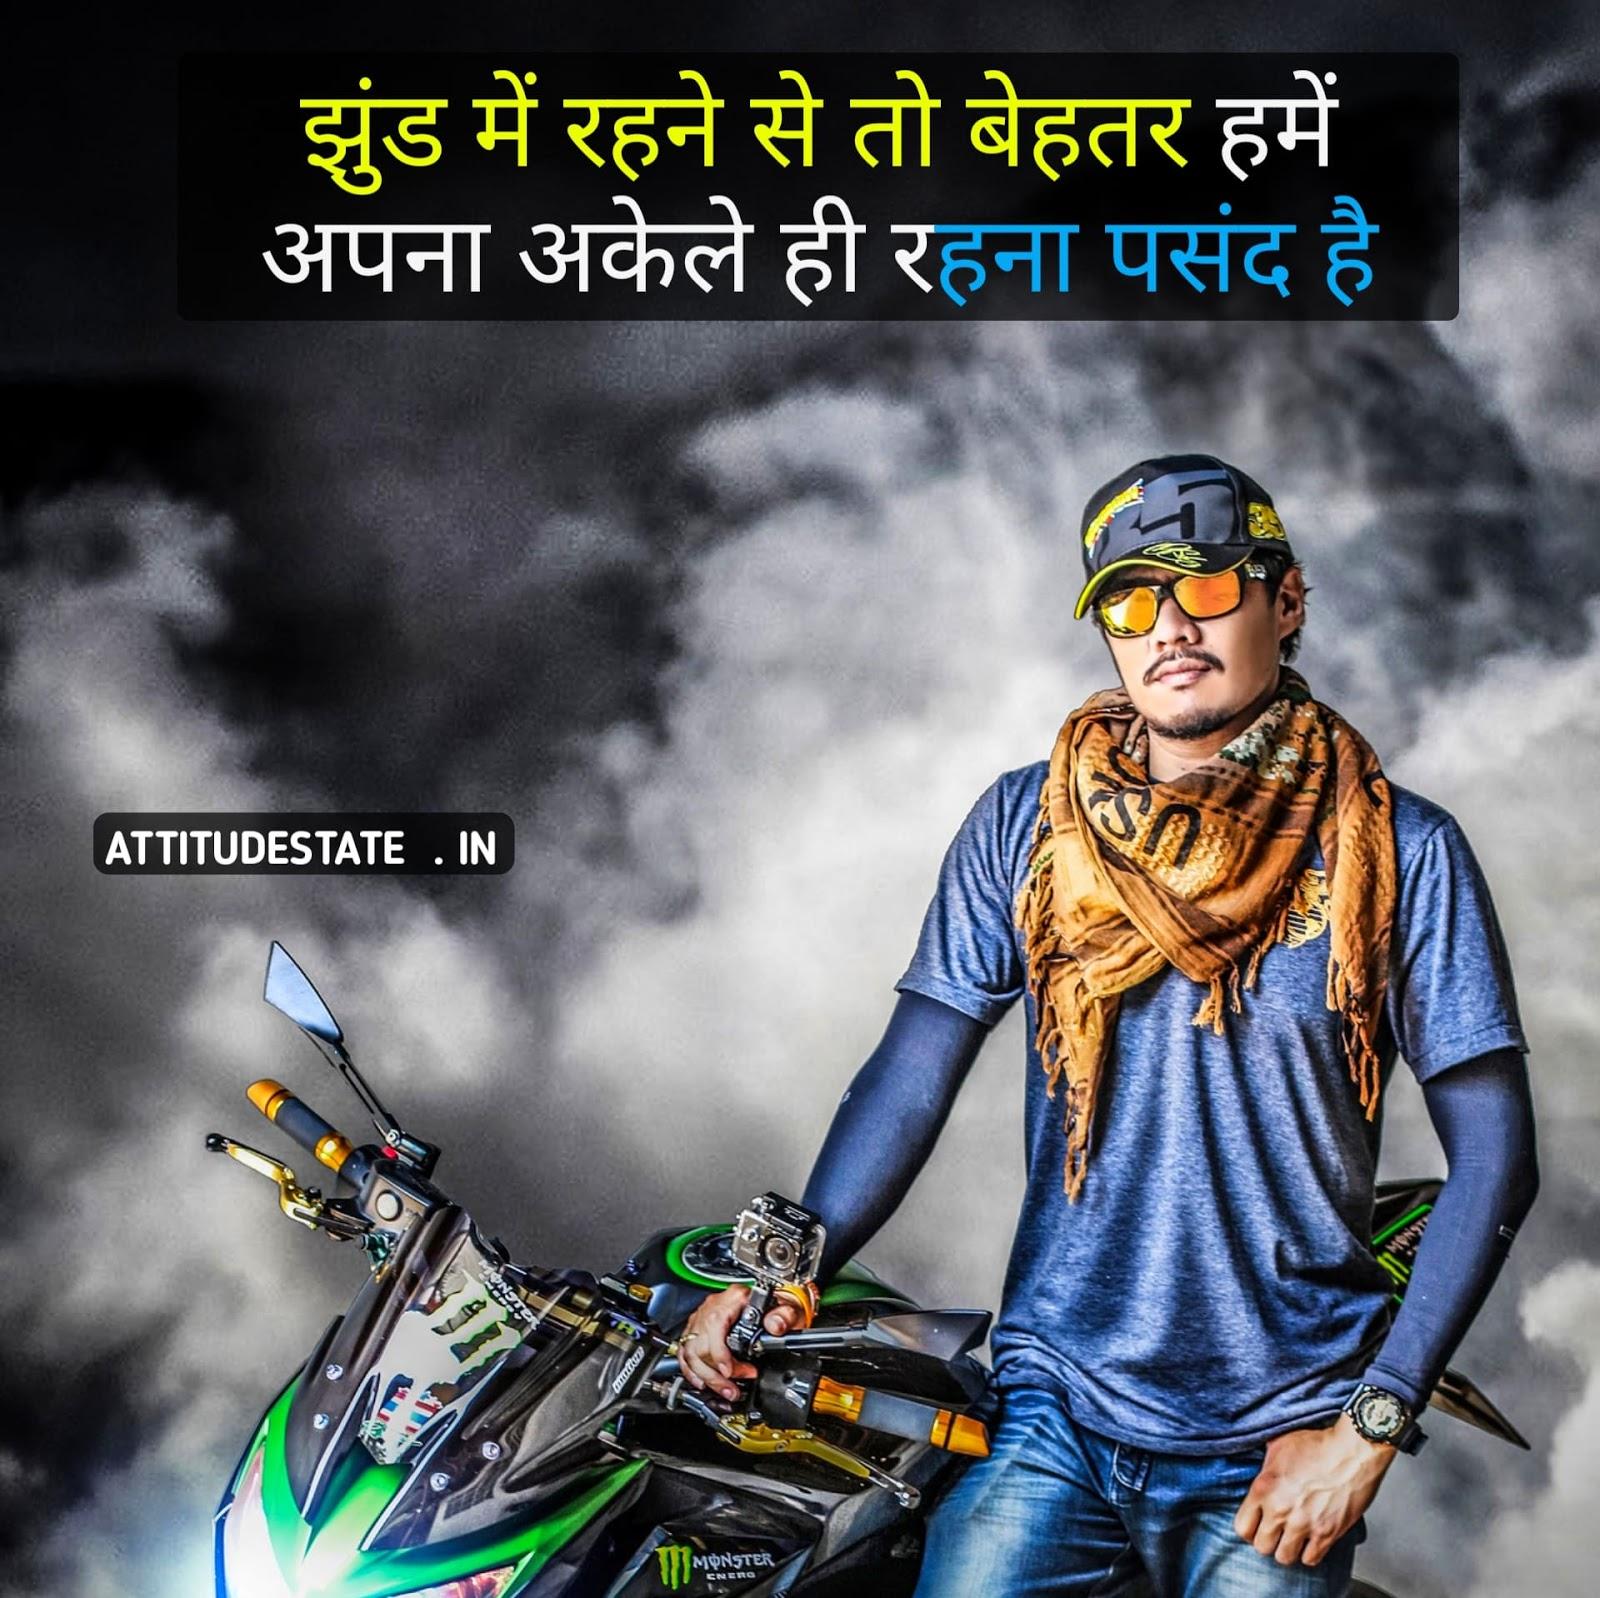 Fb hindi attitude in status 250+🔥 रॉयल